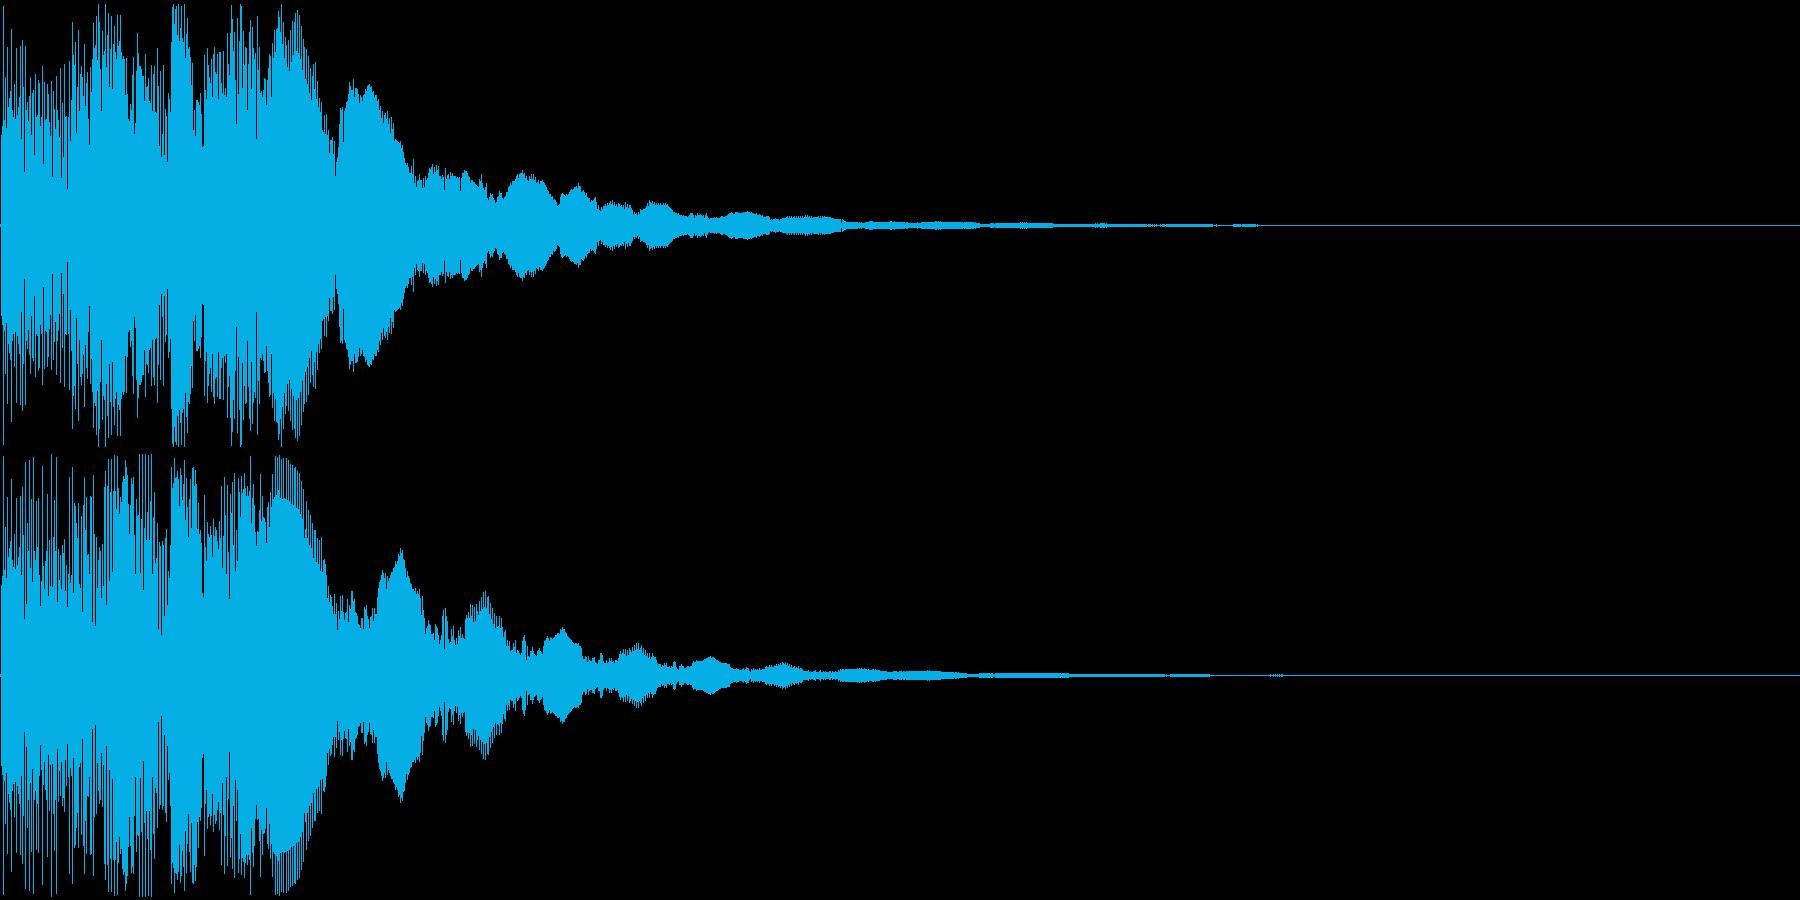 ピロロロロン(決定音)の再生済みの波形